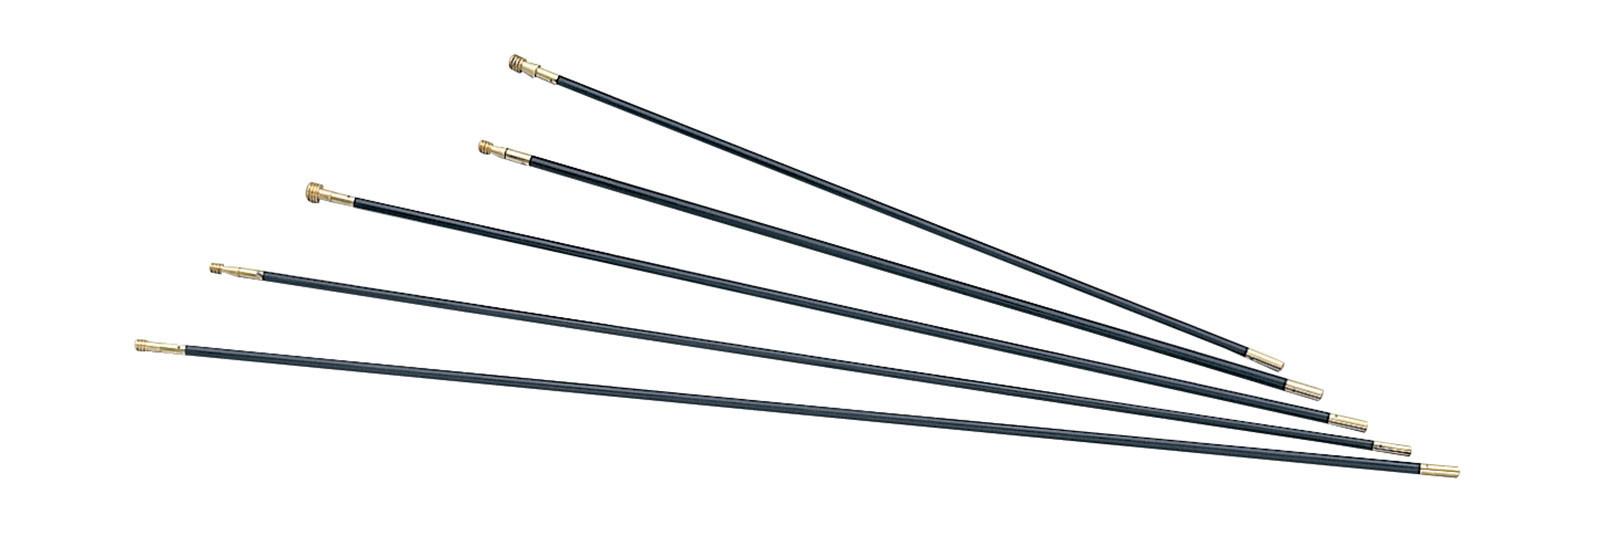 Bacchetta in fibra per armi ad avancarica 10x720 mm